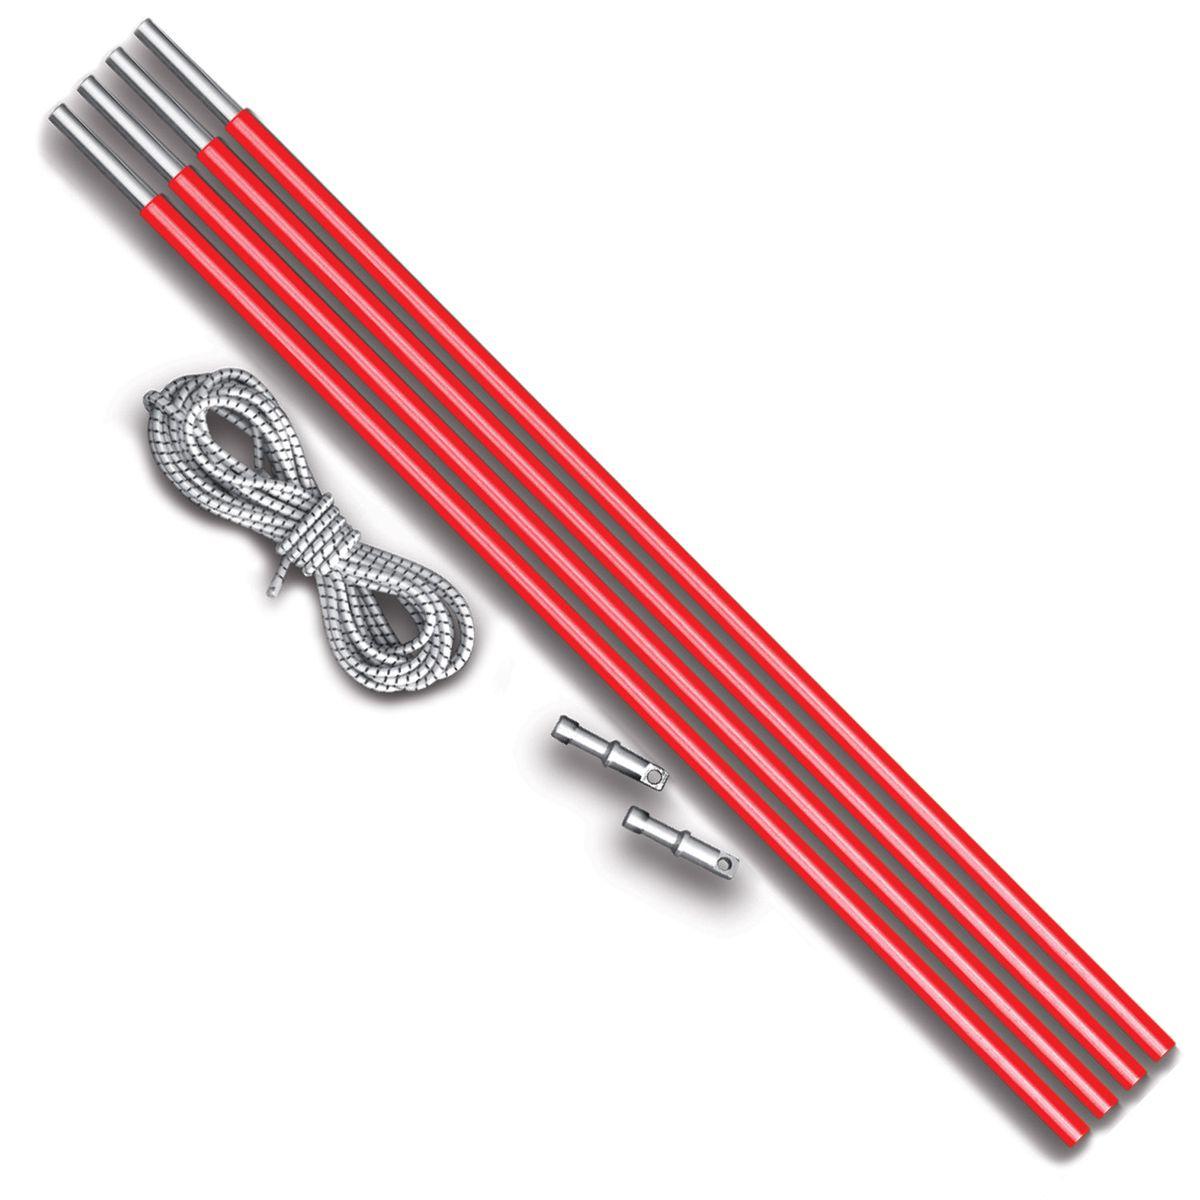 Комплект дуг алюминий Nova Tour v2, цвет: красный металлик, диаметр 8,5 мм